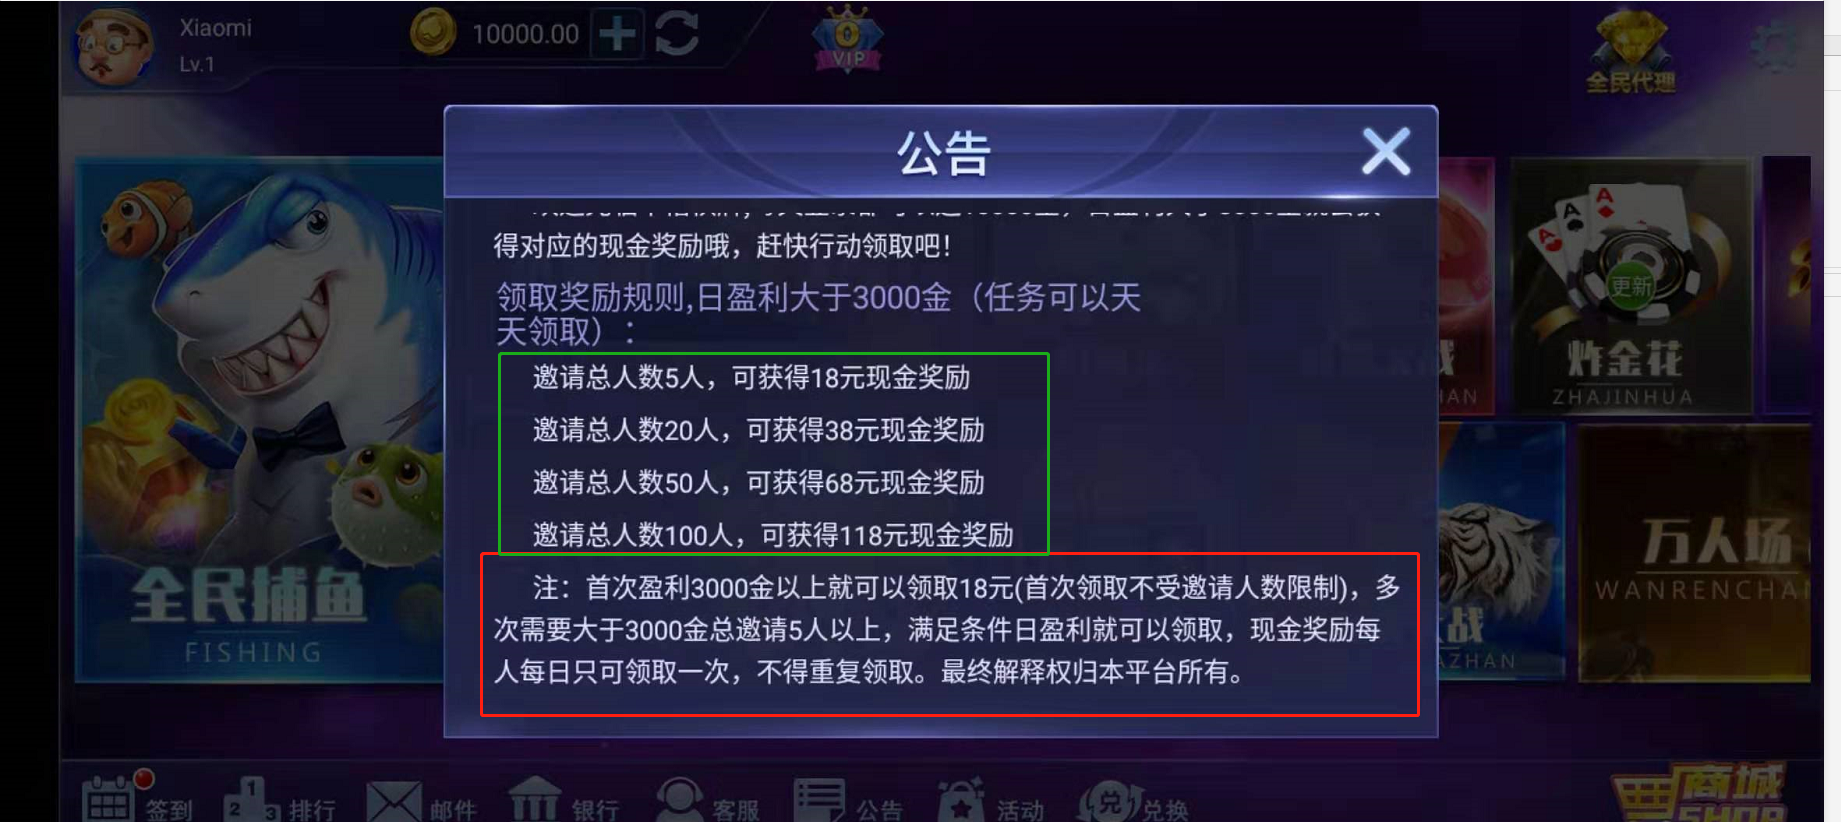 千禧qp:注册送1w金币,赢3k金币,即可获得18元提现。插图(3)